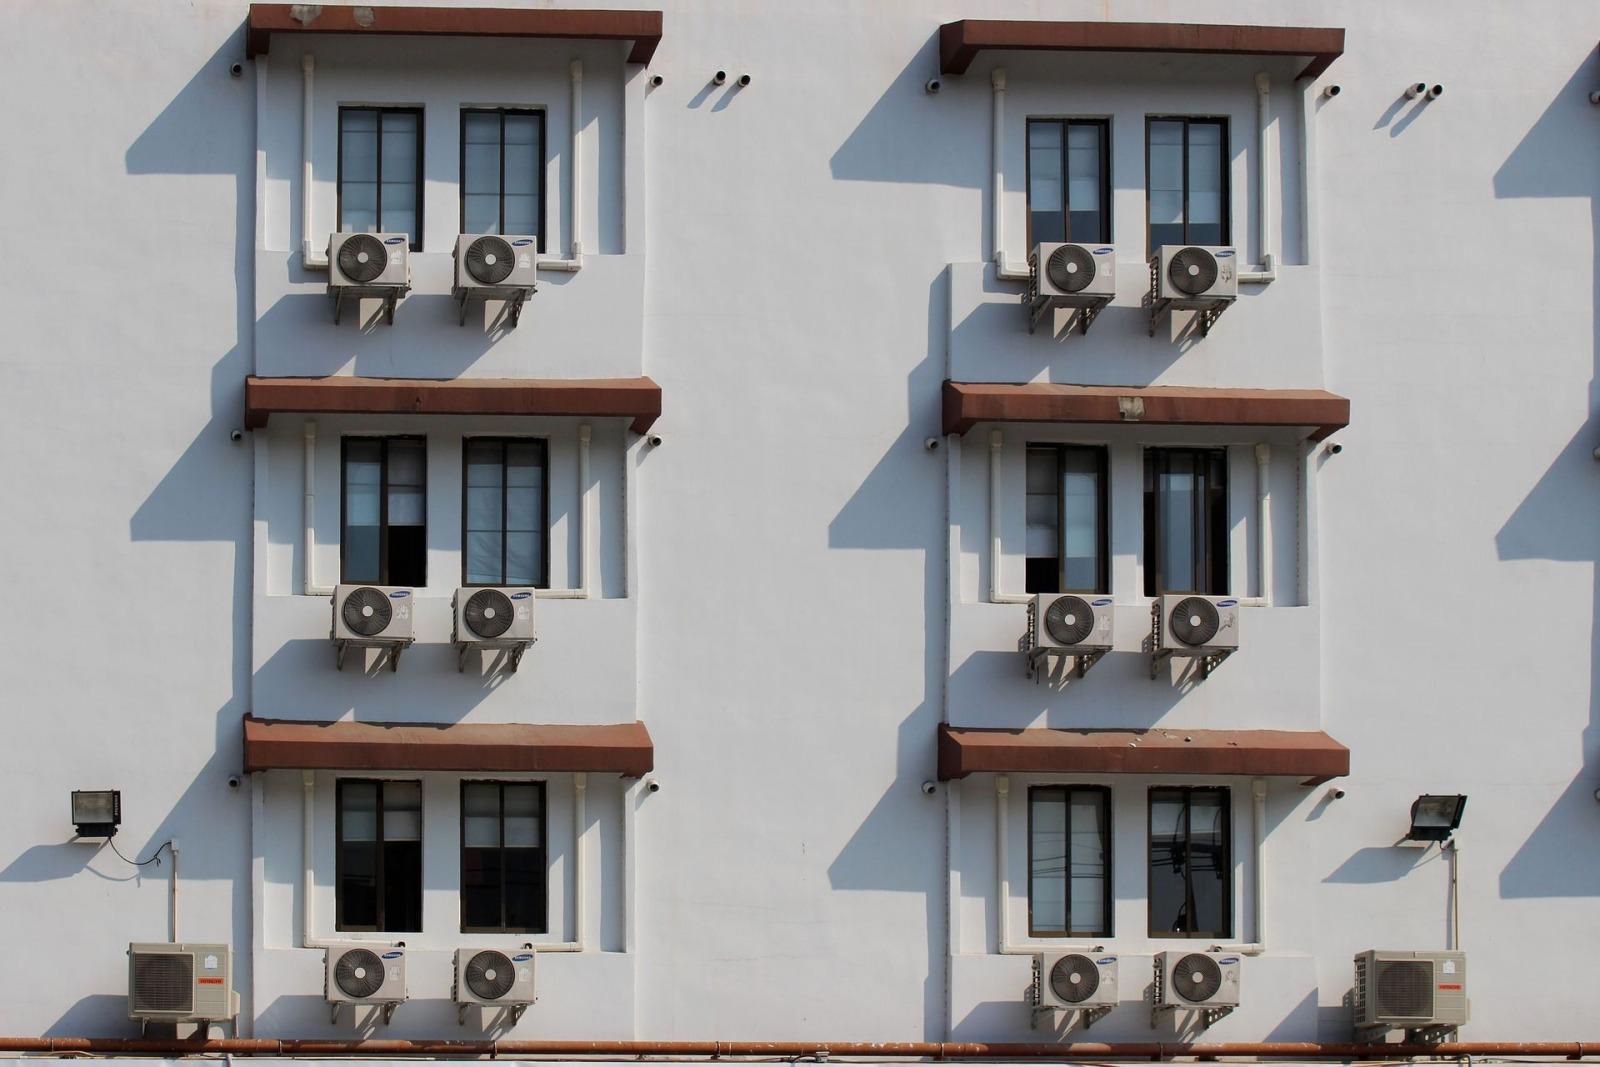 klimagraete klimaanlage air conditioner Dean Moriarty pixabay